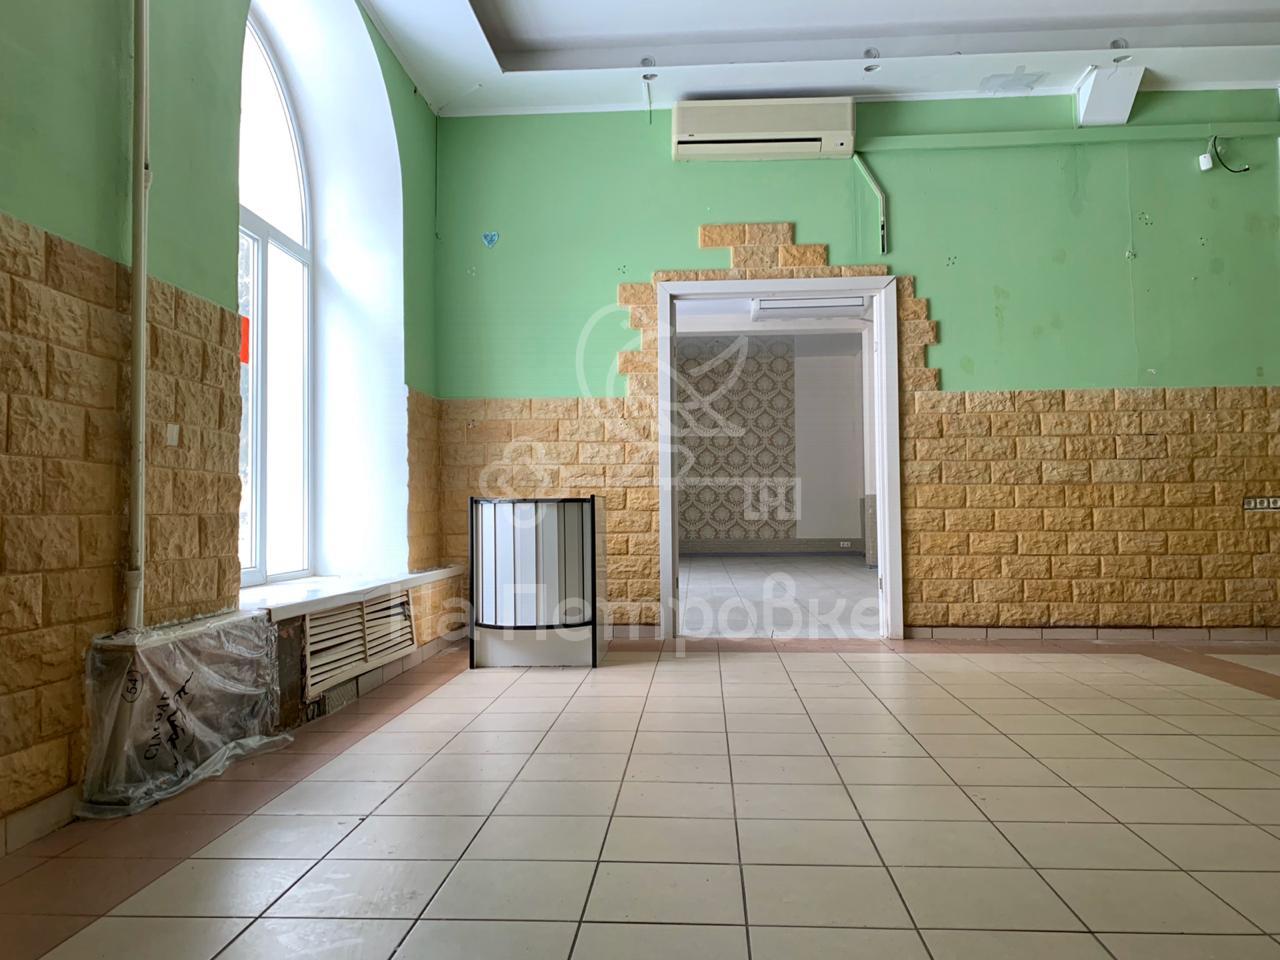 Free Purpose в аренду по адресу Россия, Московская область, городской округ Ступино, Ступино, улица Андропова, 44